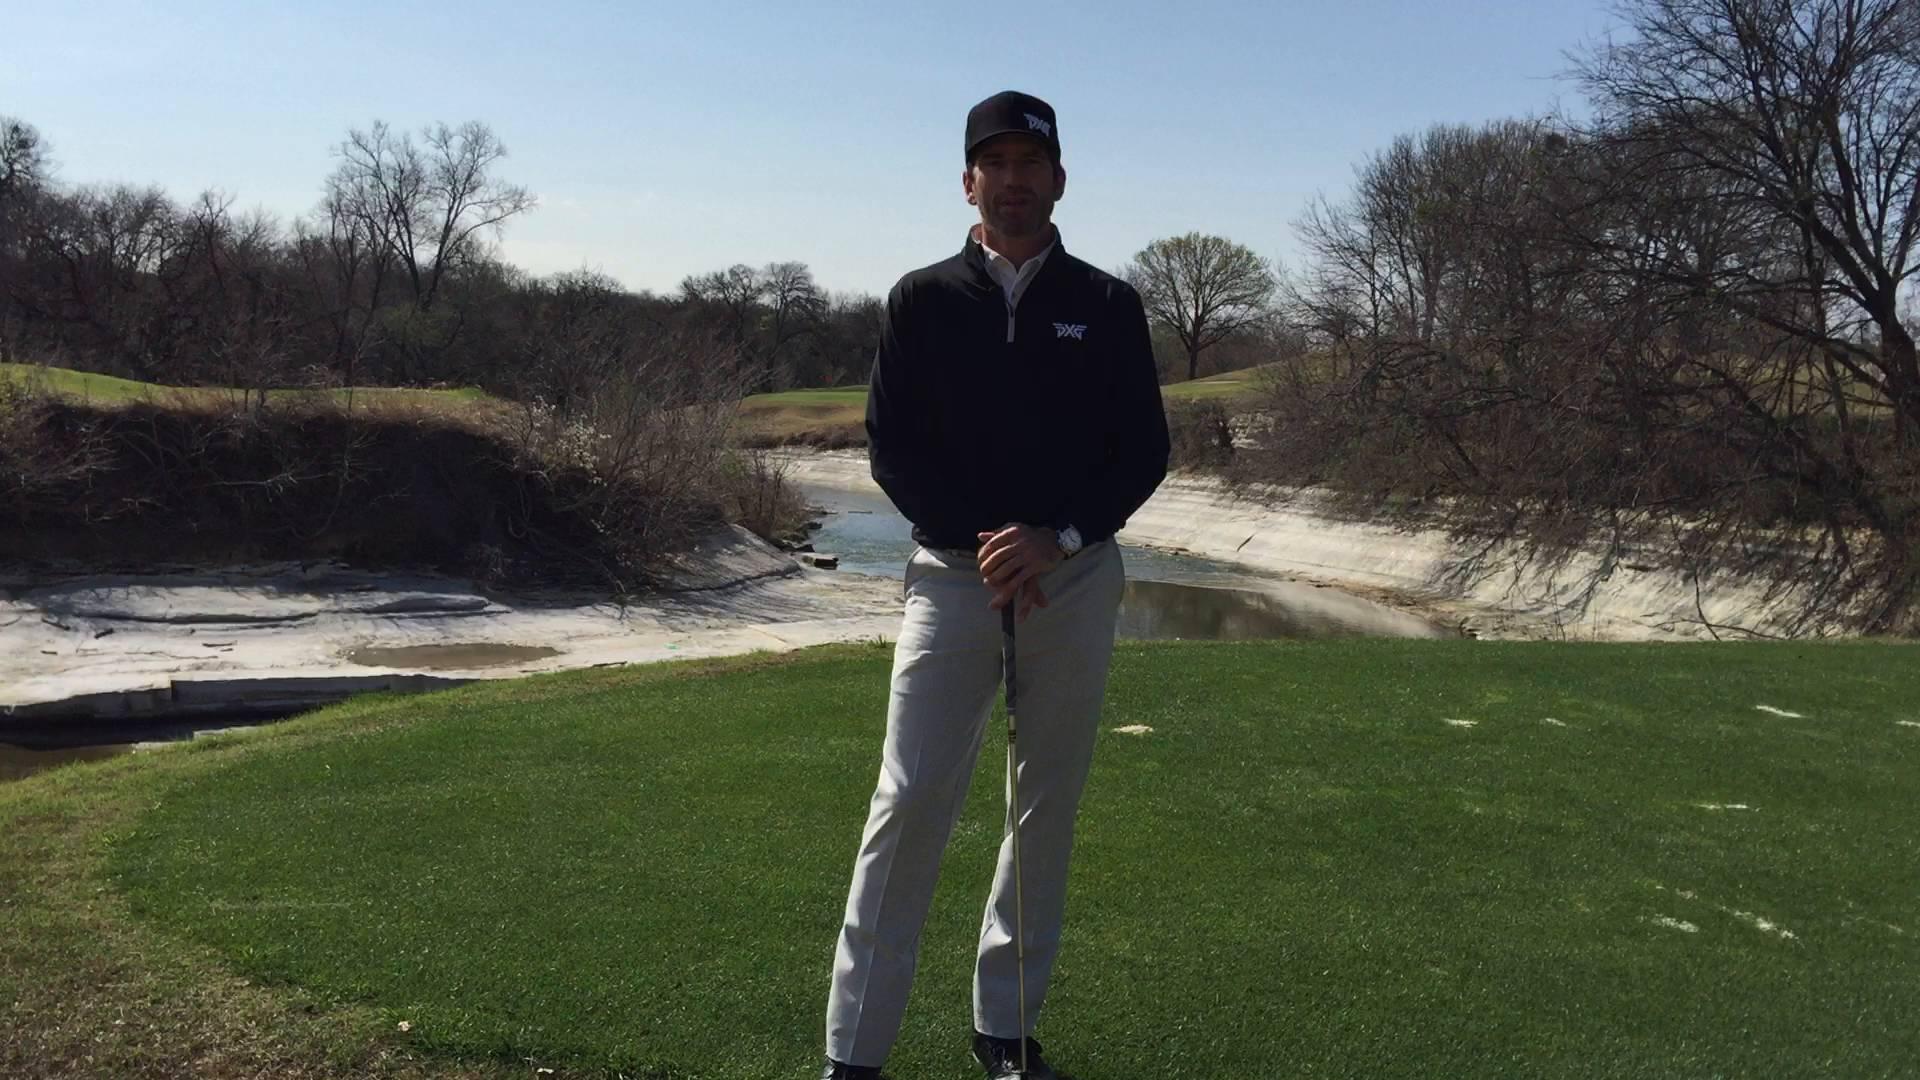 Golf Fundamentals by Stephen Aumock